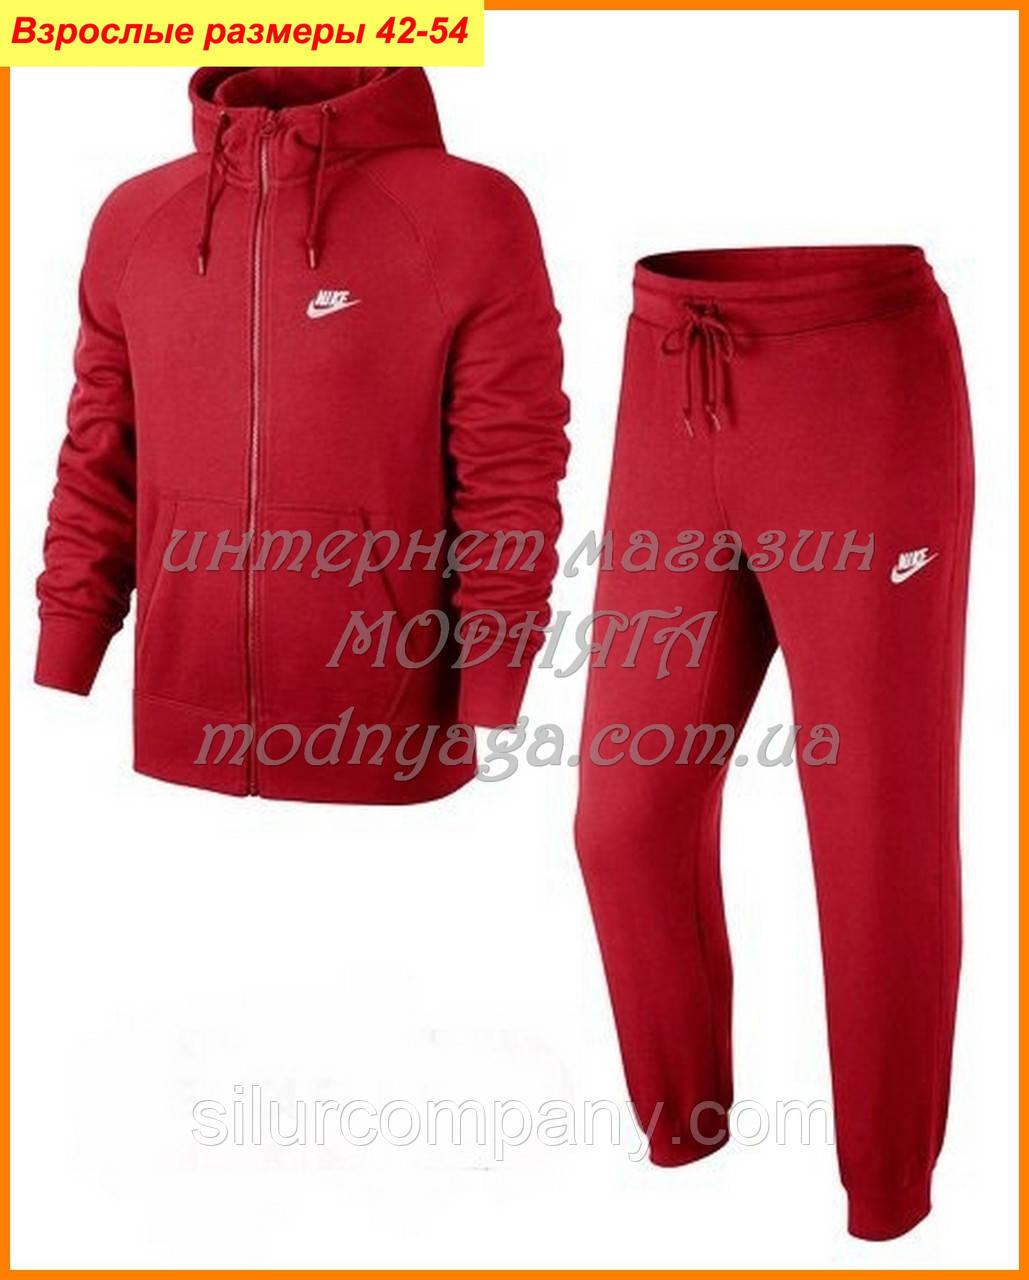 b5f5a5c54483 Спортивный костюм найк харьков - Интернет магазин